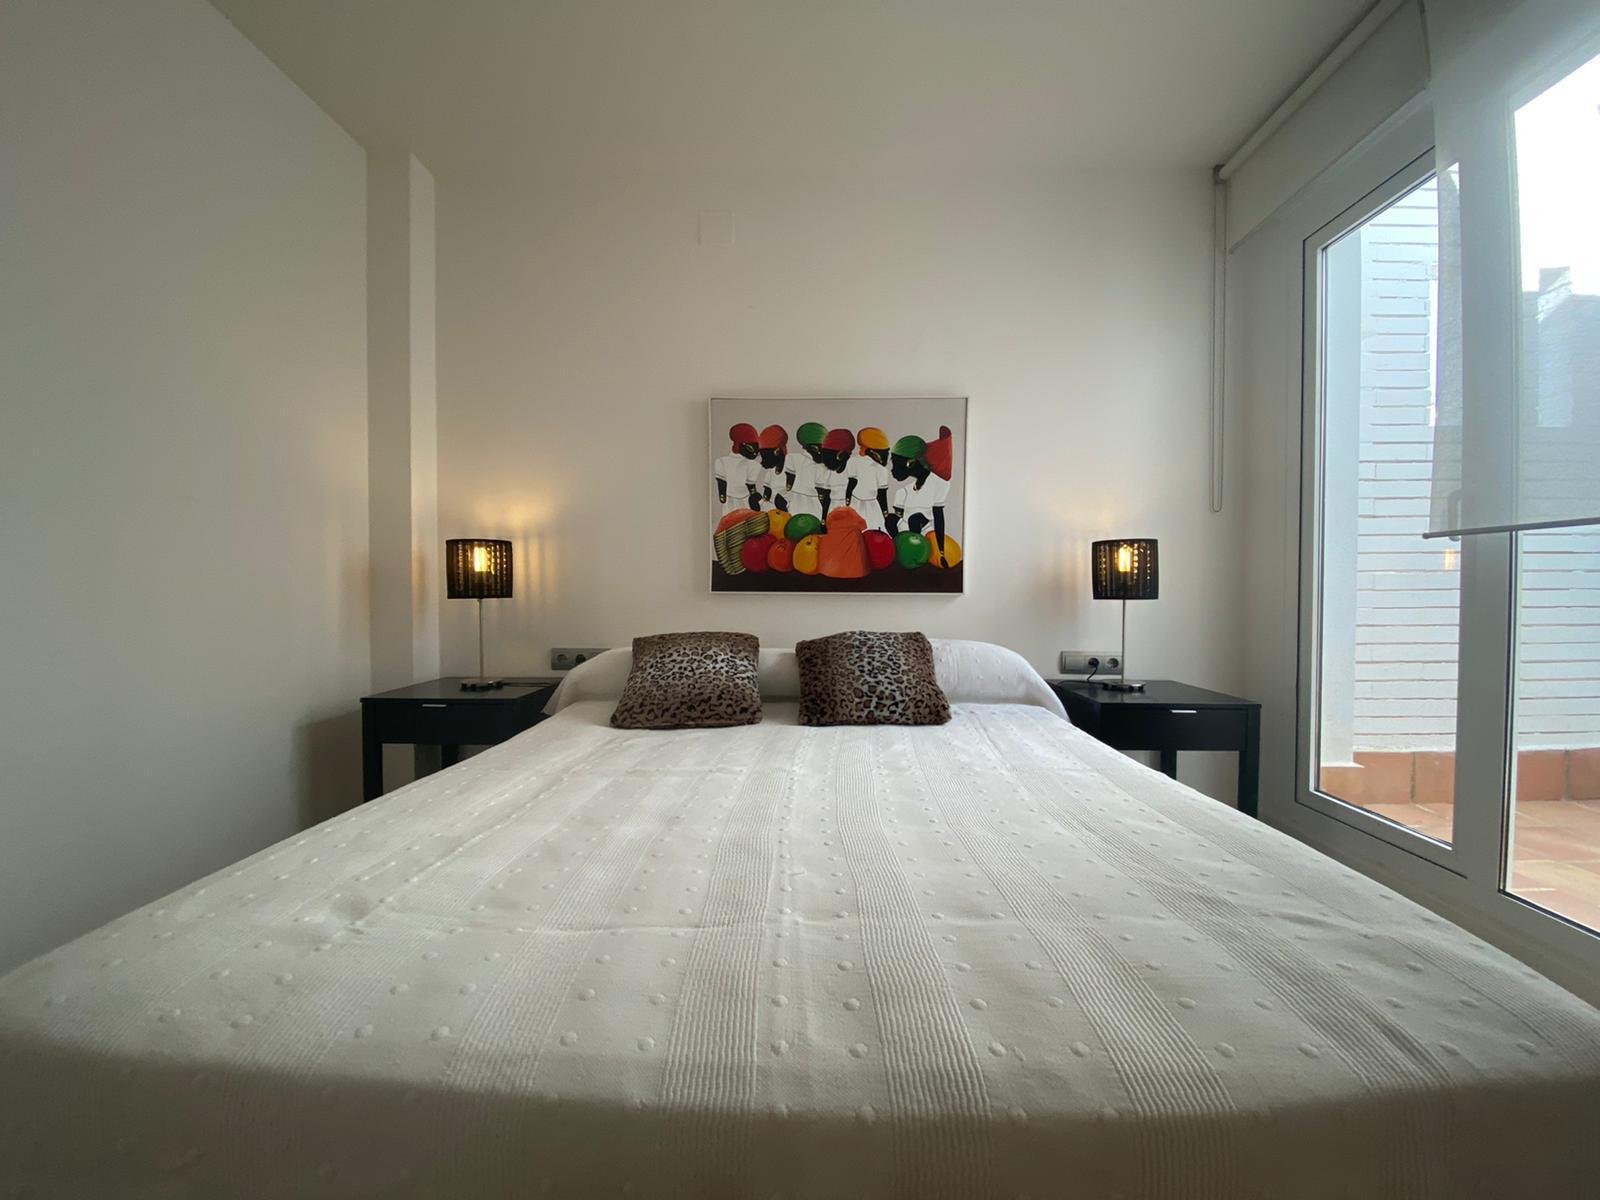 Imagen 8 del Apartamento Turístico, Ático 6 Central (3d+2b), Punta del Moral (HUELVA), Paseo de la Cruz nº22